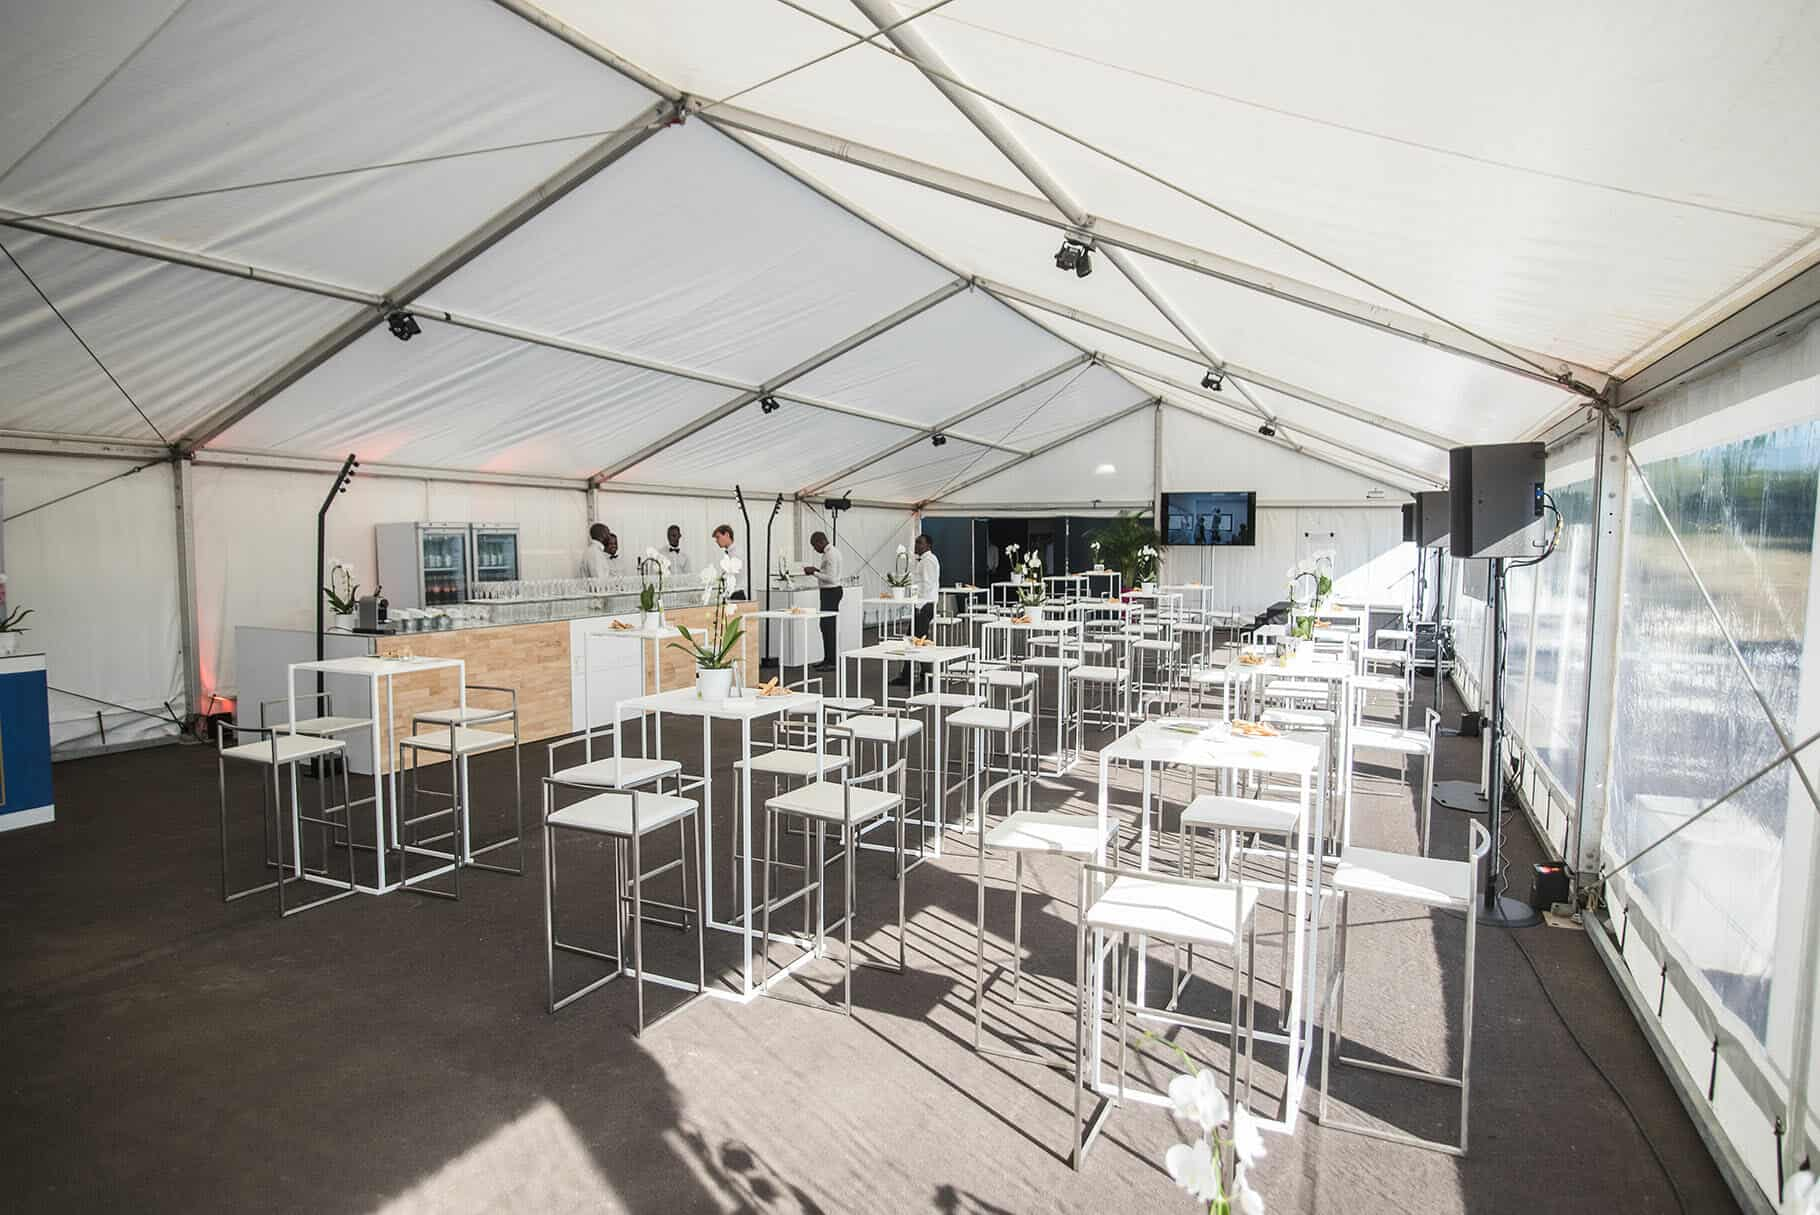 Inauguration de la Cookidienne réalisée par So Event sous un chapiteau